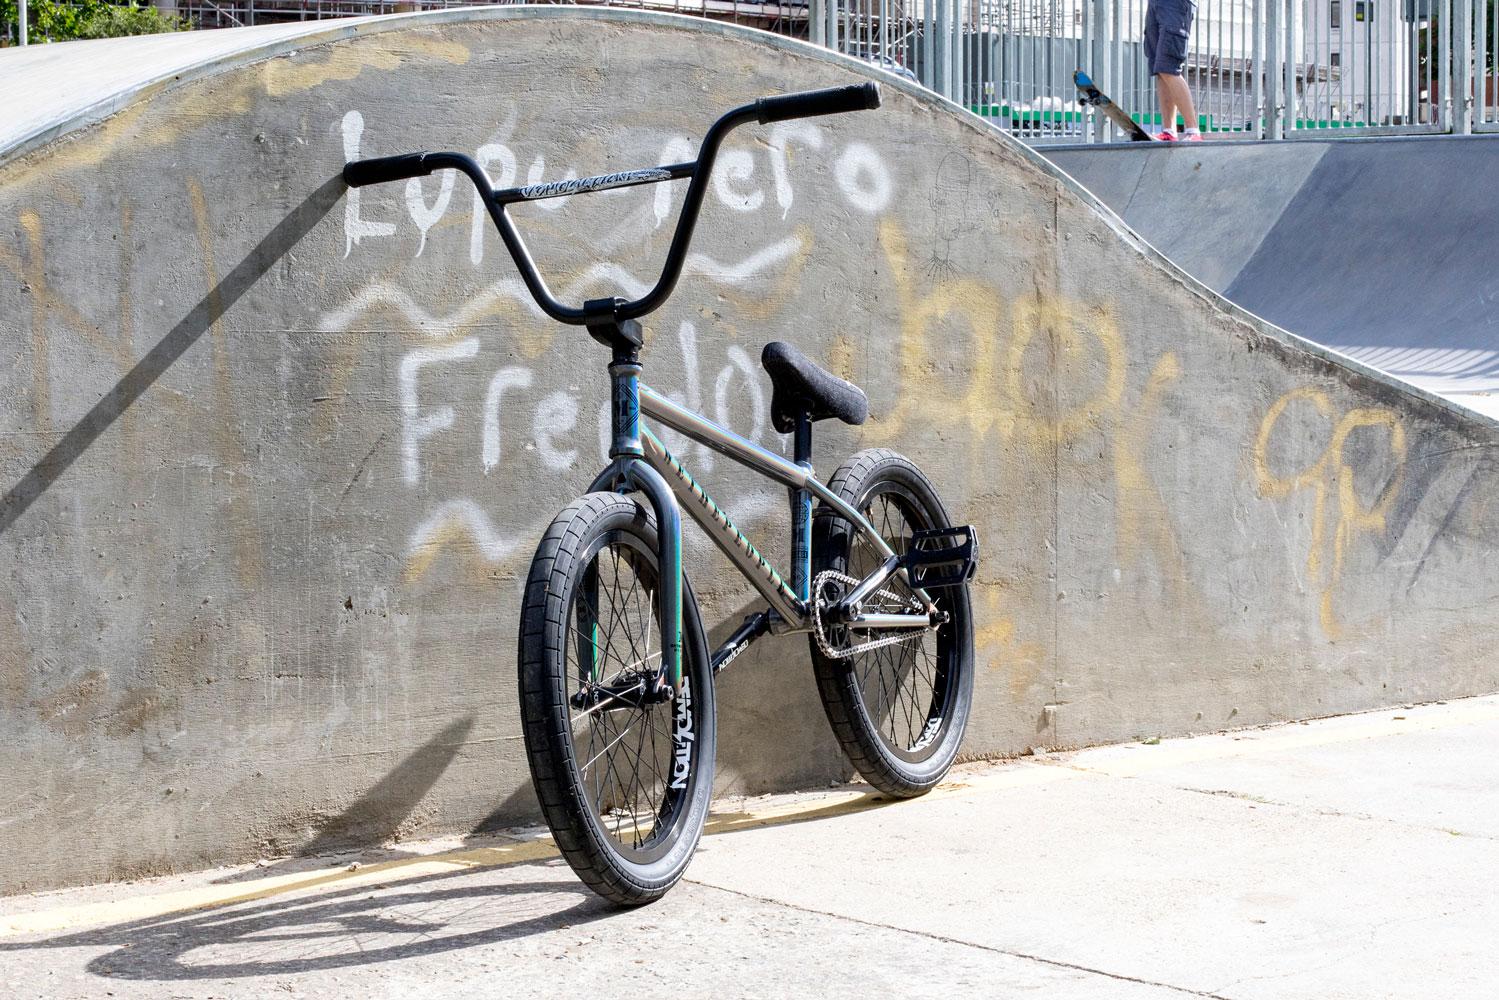 Bike_3quater_front_LR.jpg